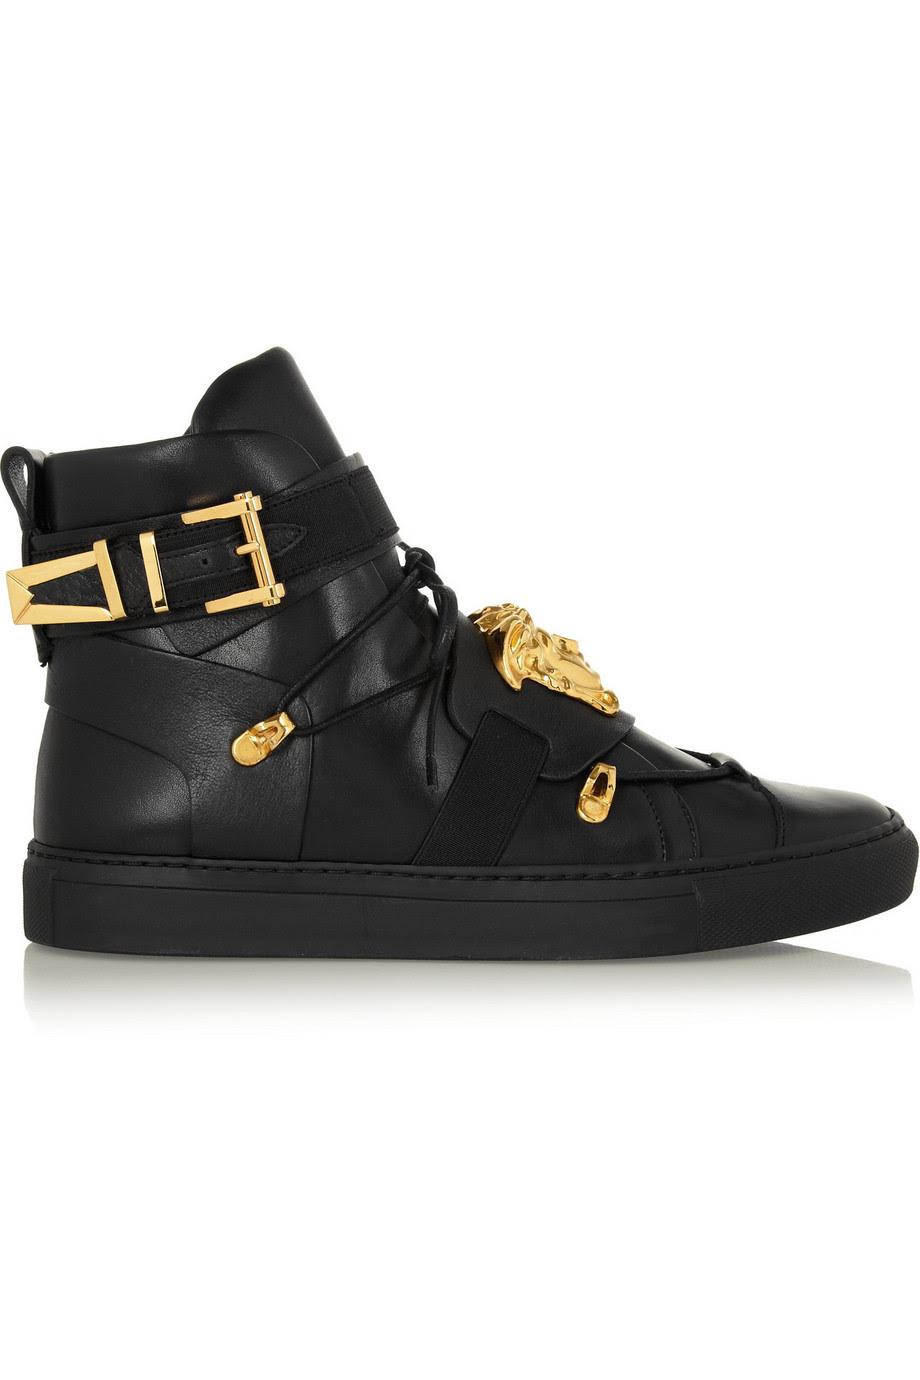 Versace Shoes Men Sneakers